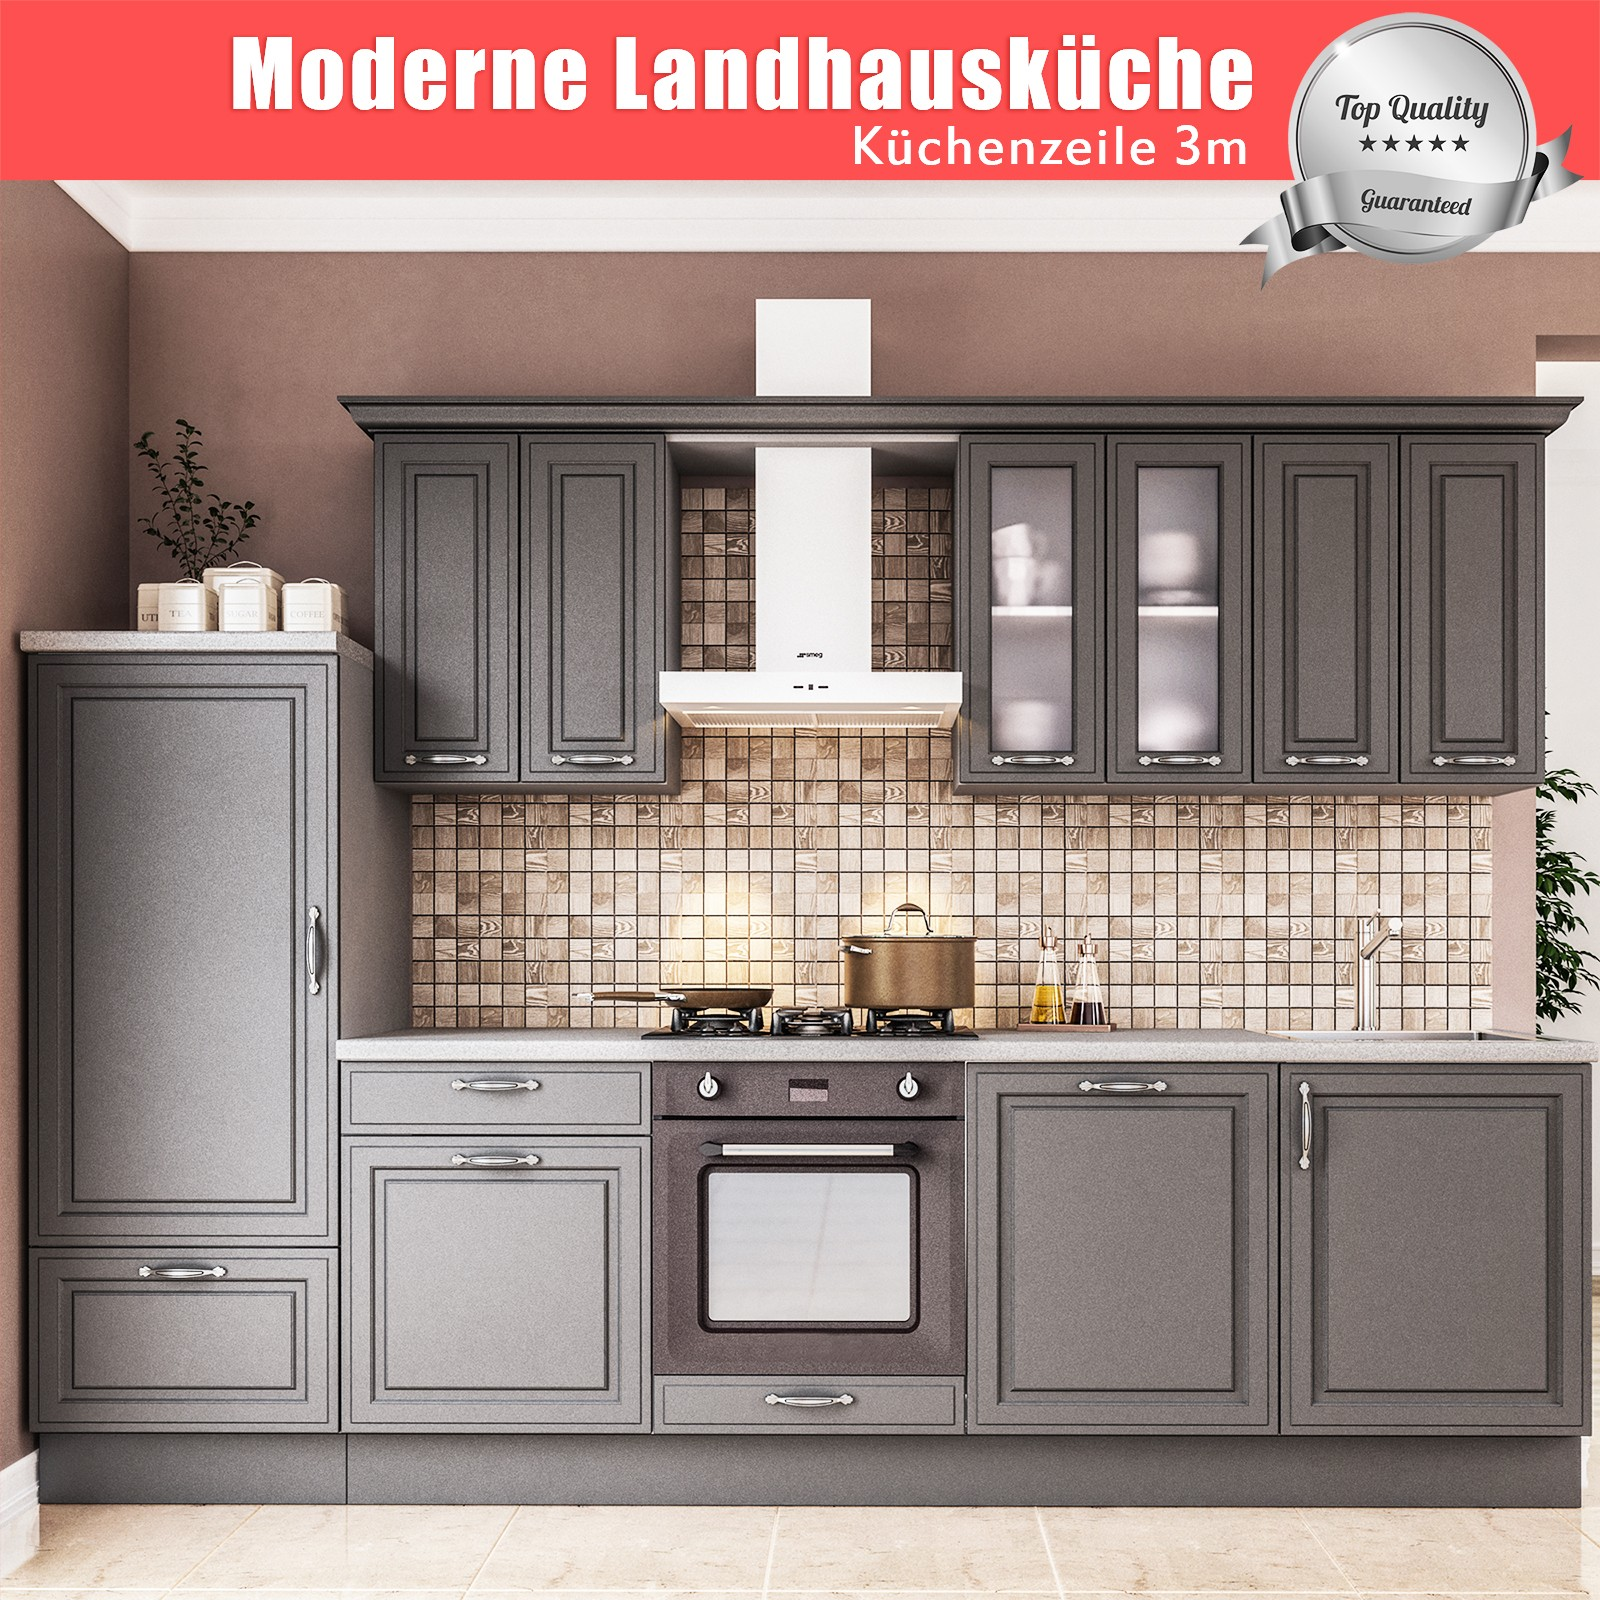 Full Size of Landhausküche Moderne Landhauskche Linnea Kchenblock Kchenzeile 3m Weiß Gebraucht Grau Weisse Küche Landhausküche